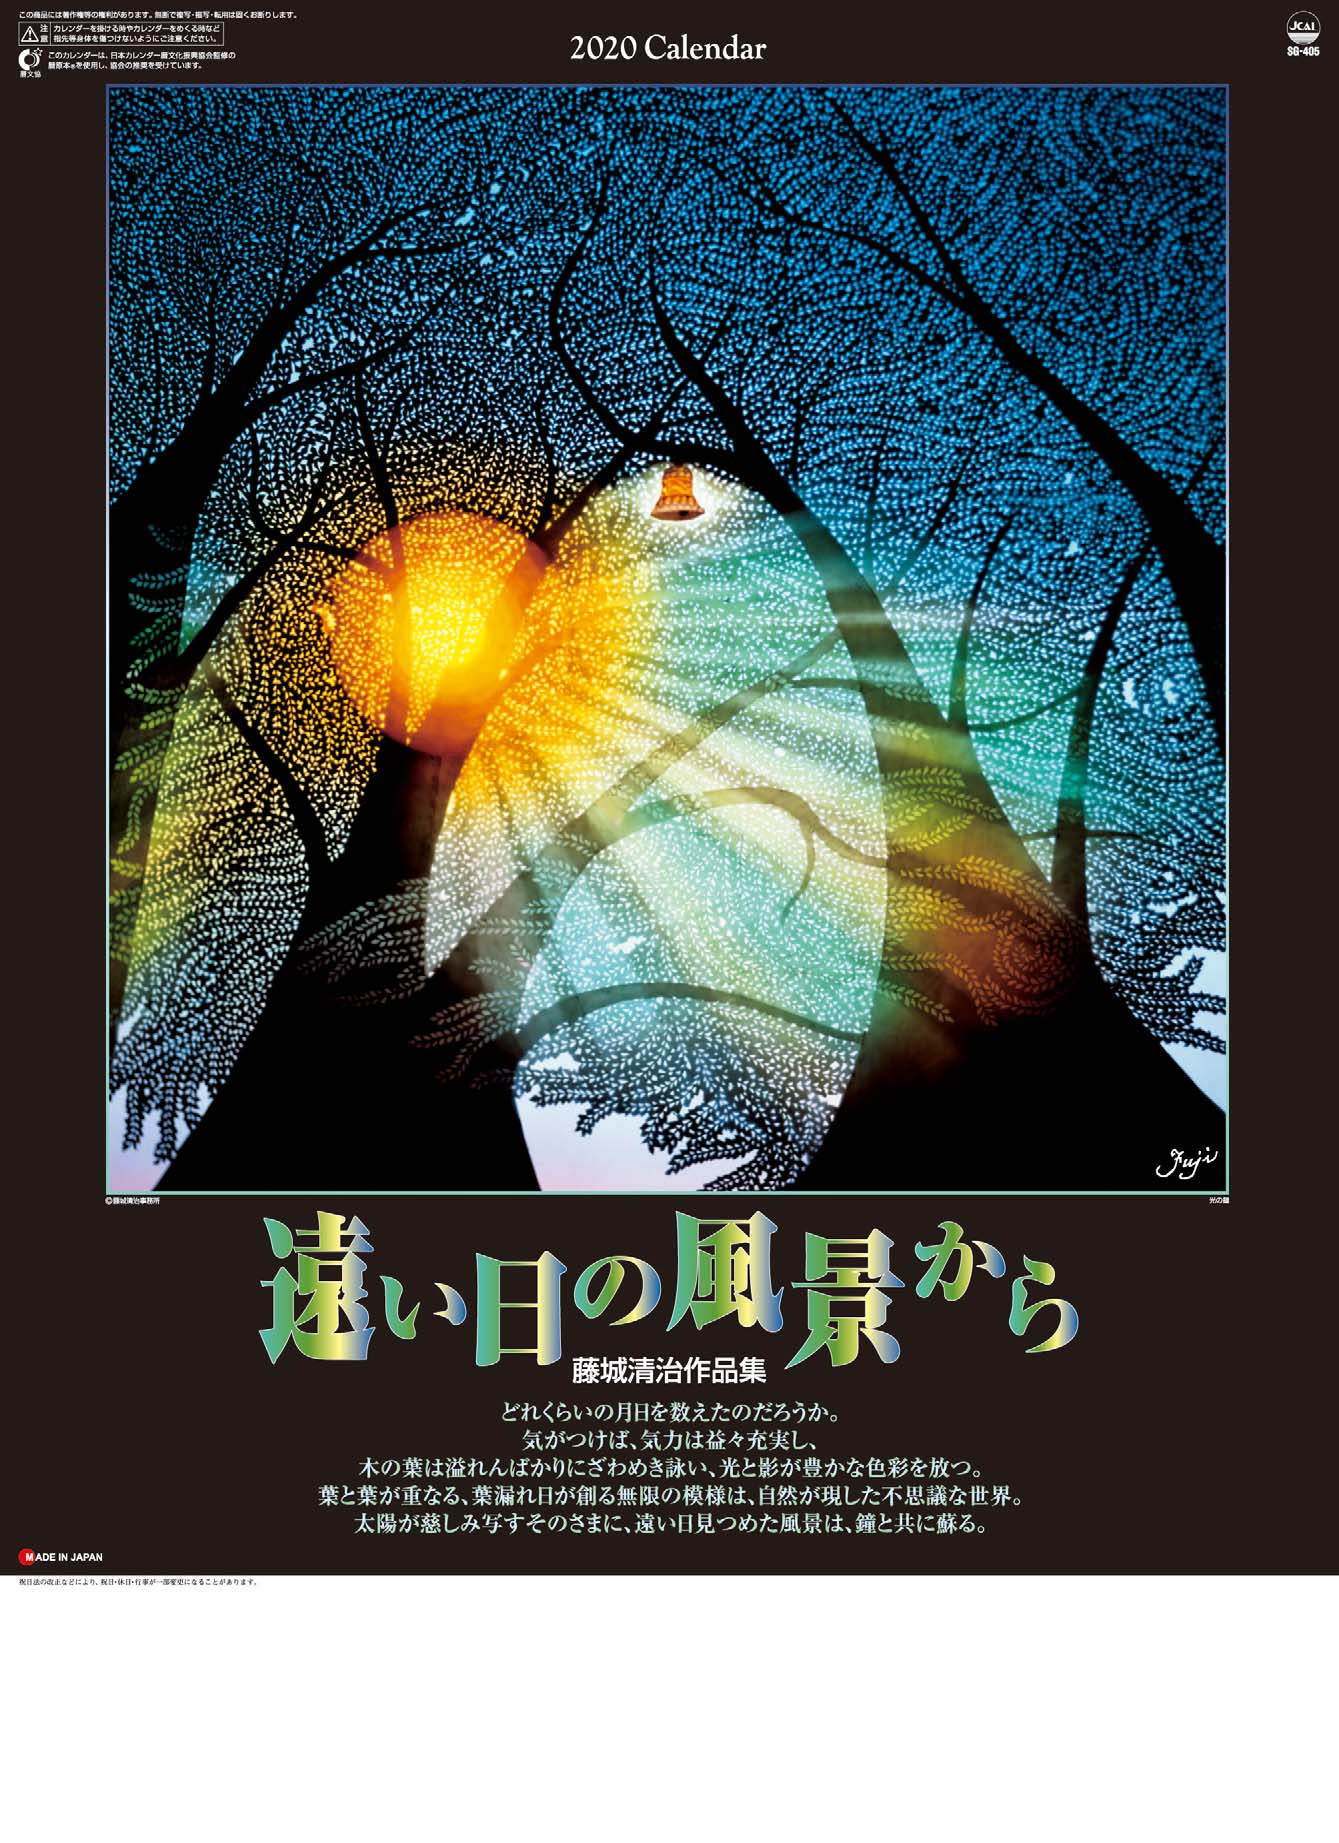 遠い日の風景から(影絵)  藤城清治 2020年カレンダー